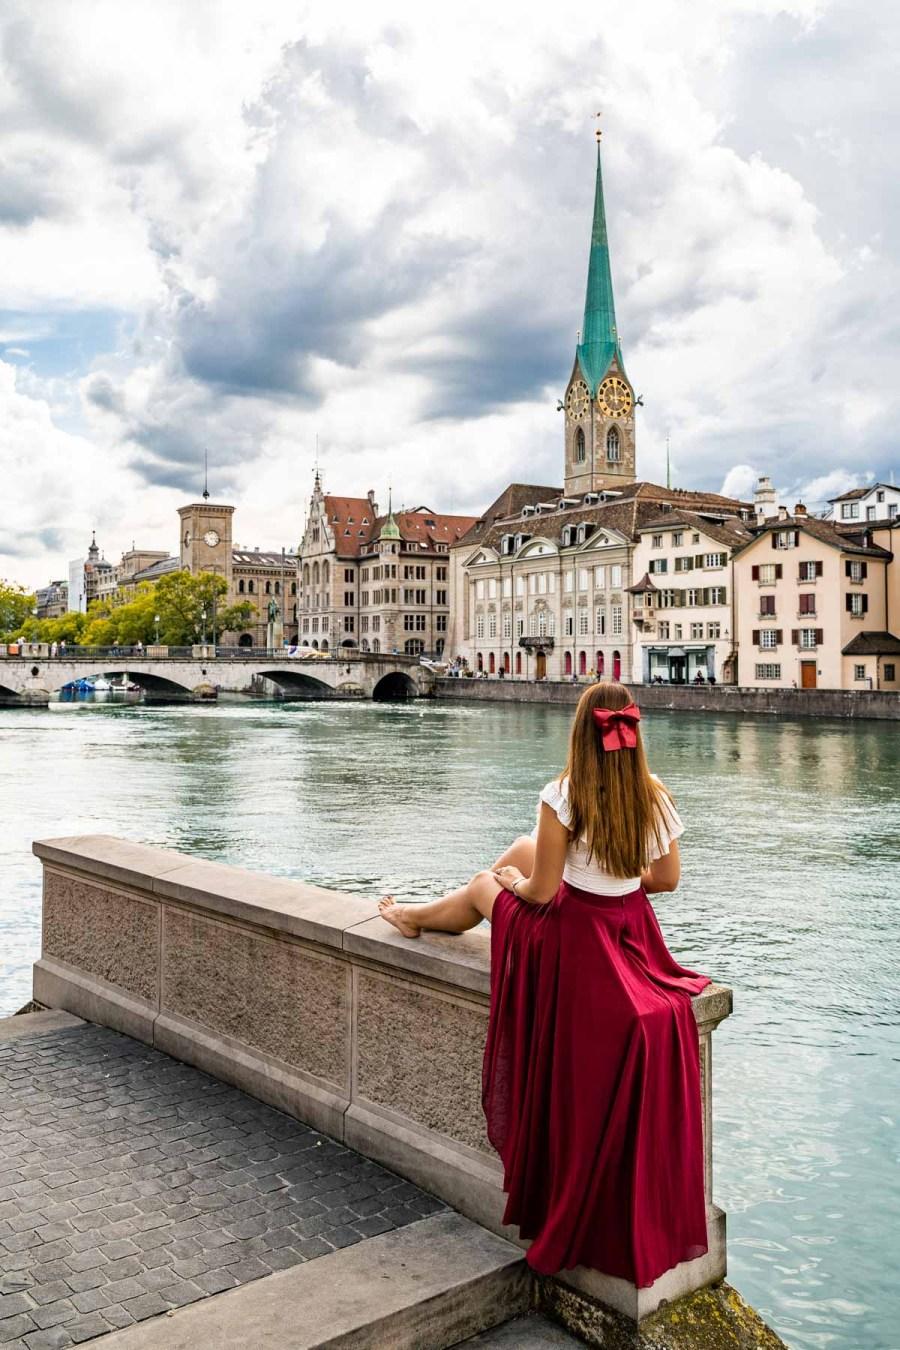 Girl in a red skirt sitting by the riverwalk in Zurich, Switzerland